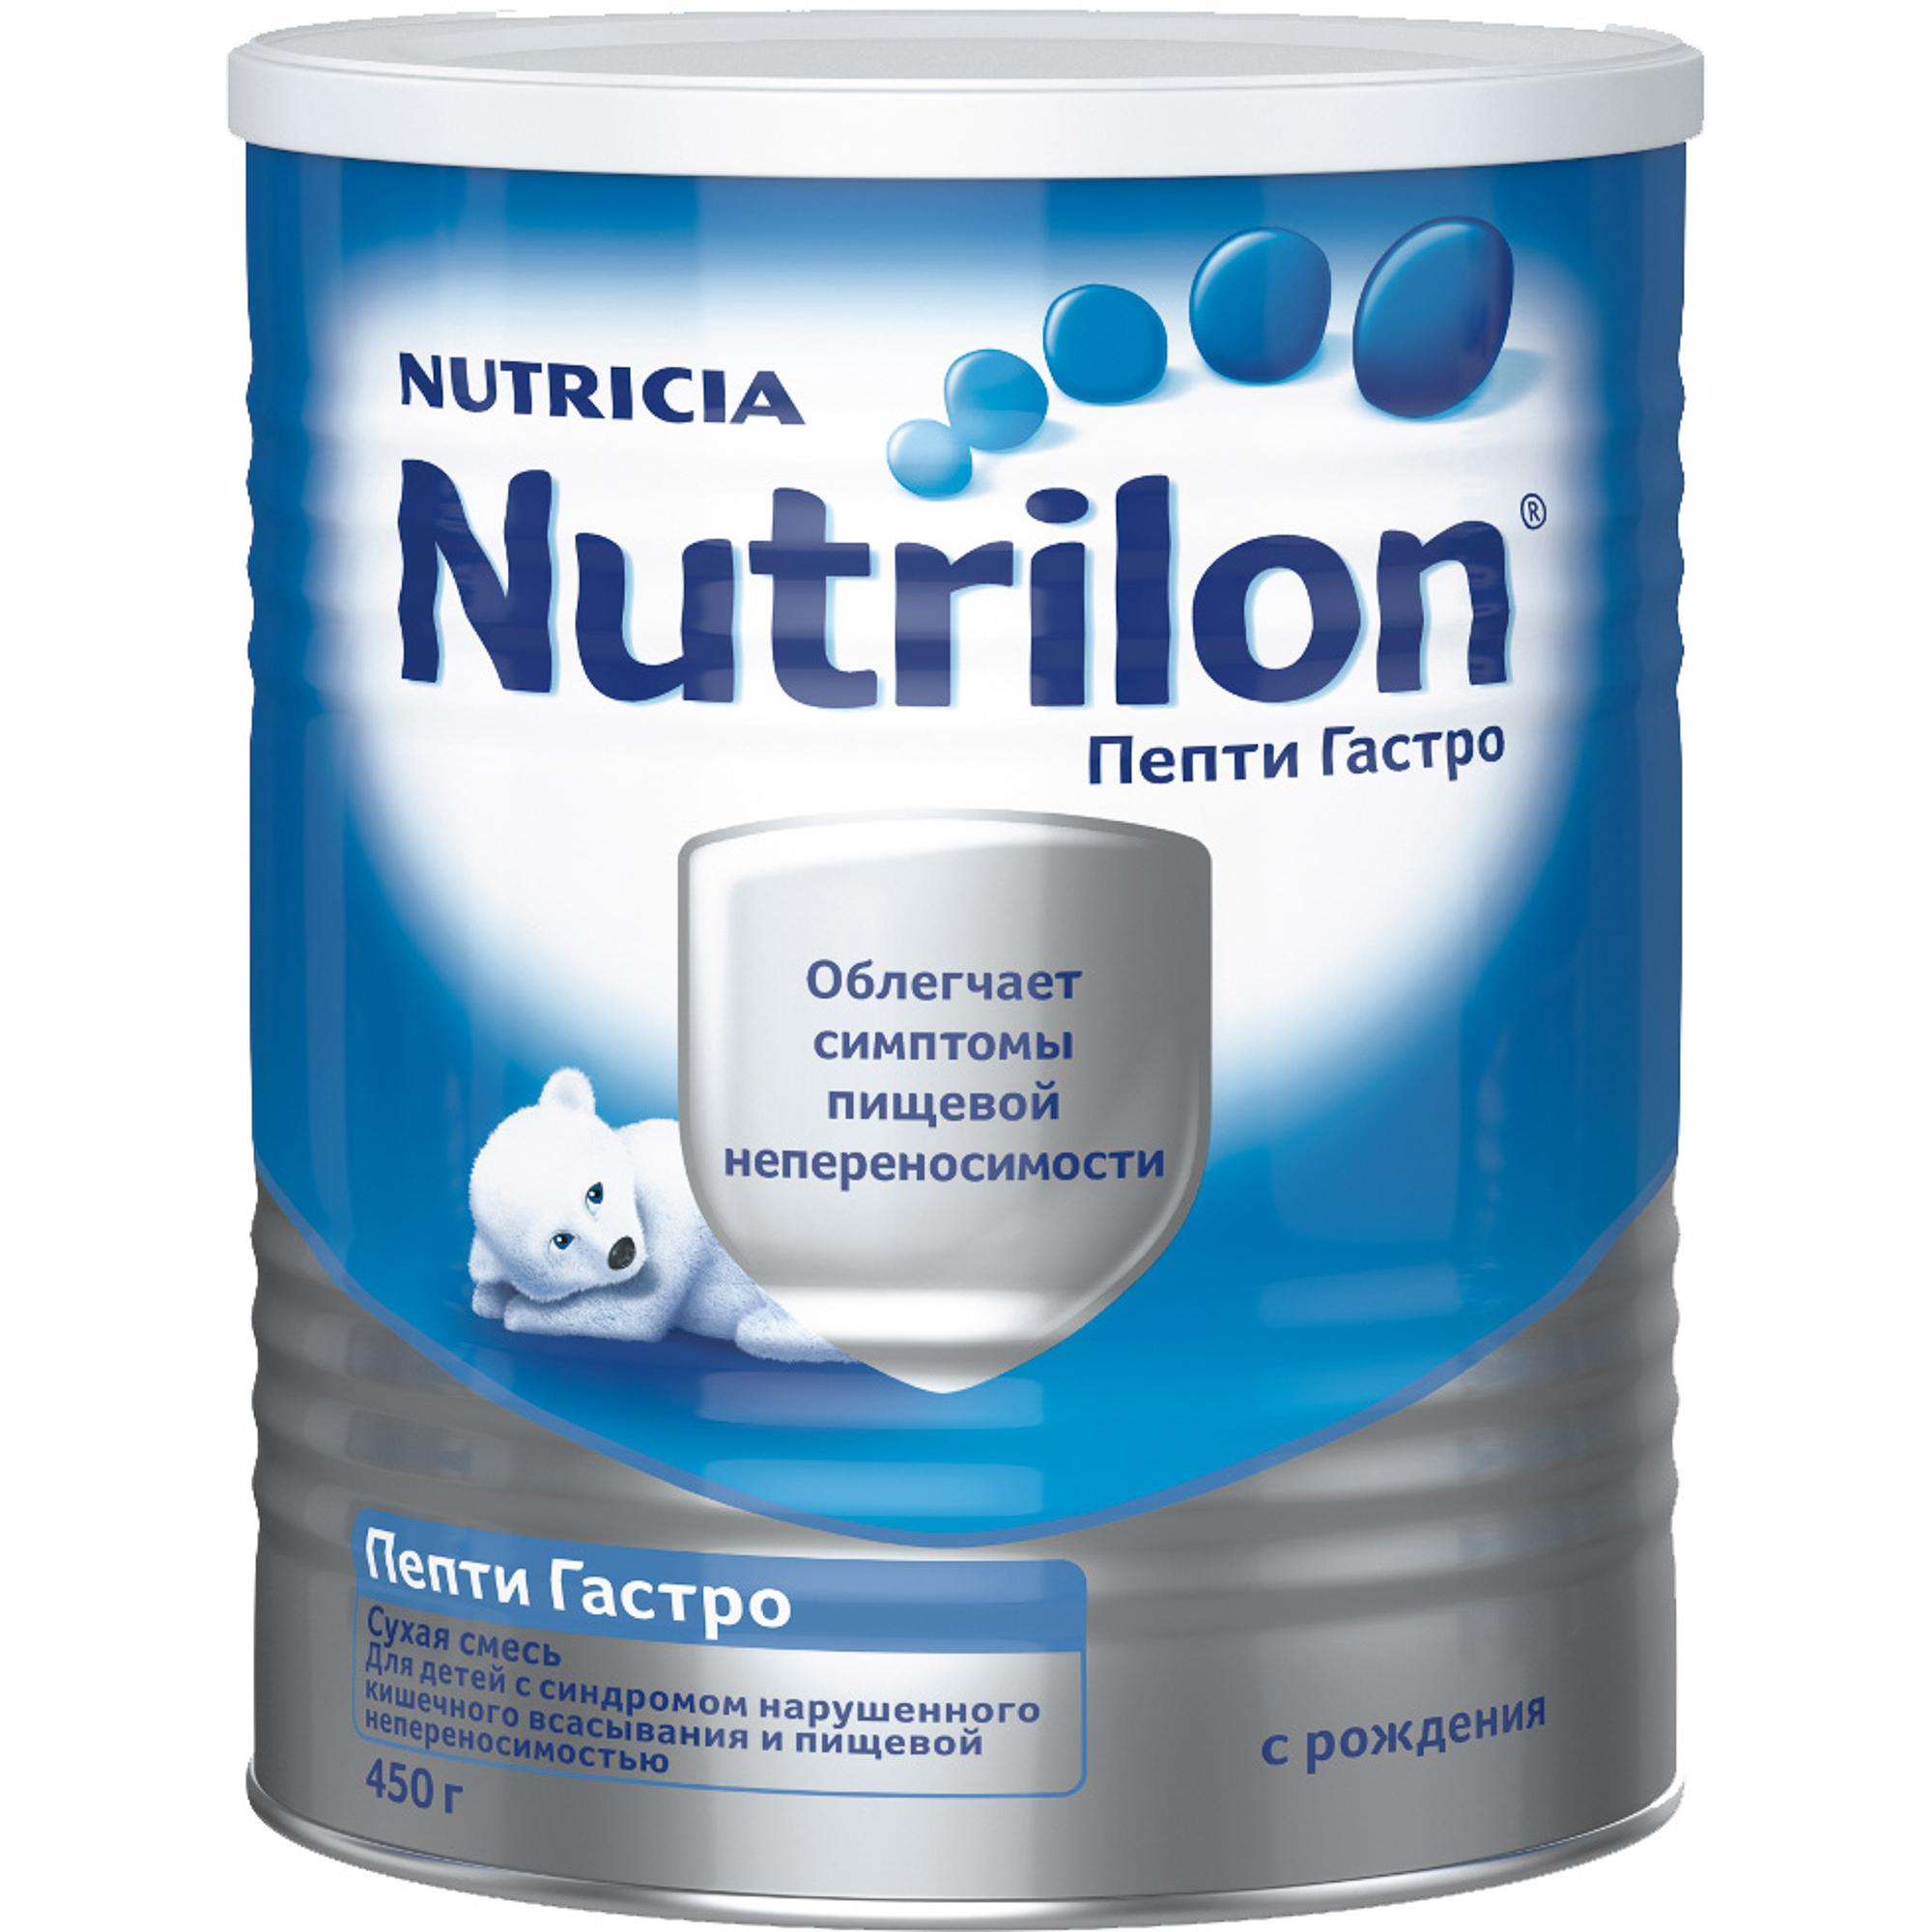 Смесь молочная Nutrilon Пепти Гастро с рождения 450 г молочная смесь nutricia nutrilon nutricia 1 premium c рождения 800 г